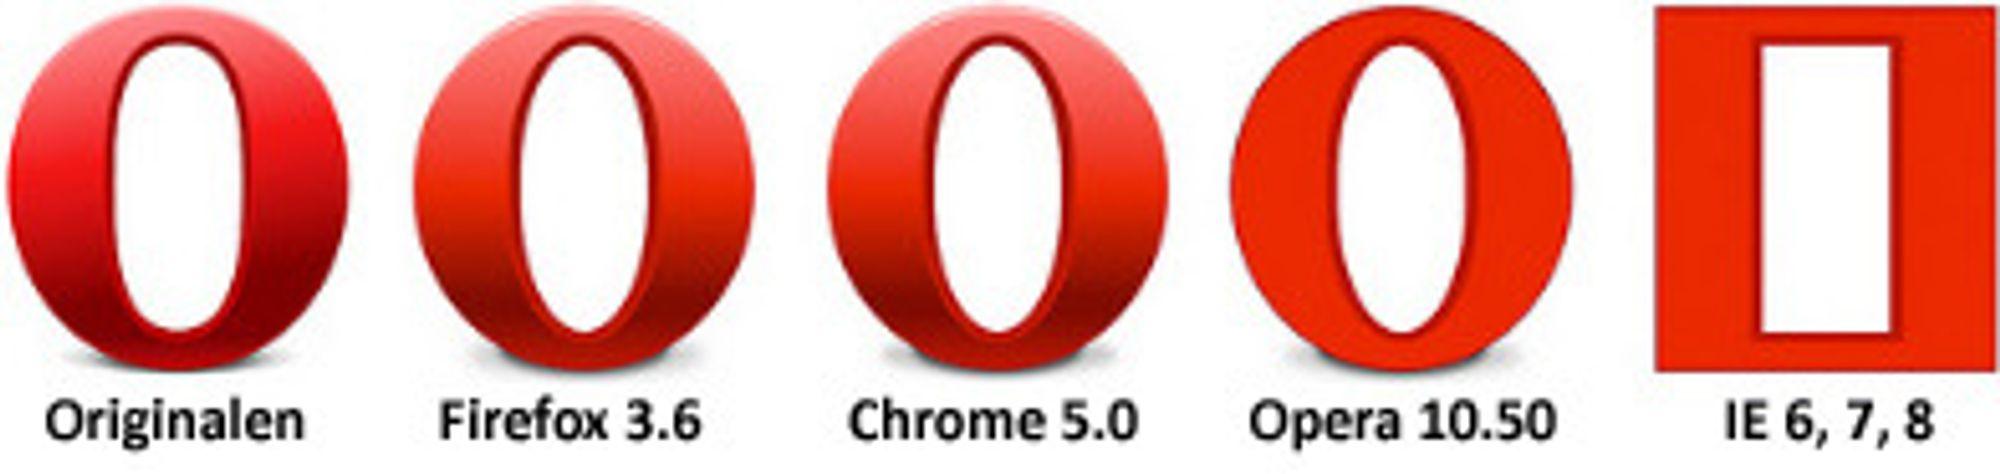 Det er ikke mulig å CSS-kode en logo som fungerer i alle nettlesere. Dette eksempelet fungerer best med nyeste versjon av Firefox og Chrome.